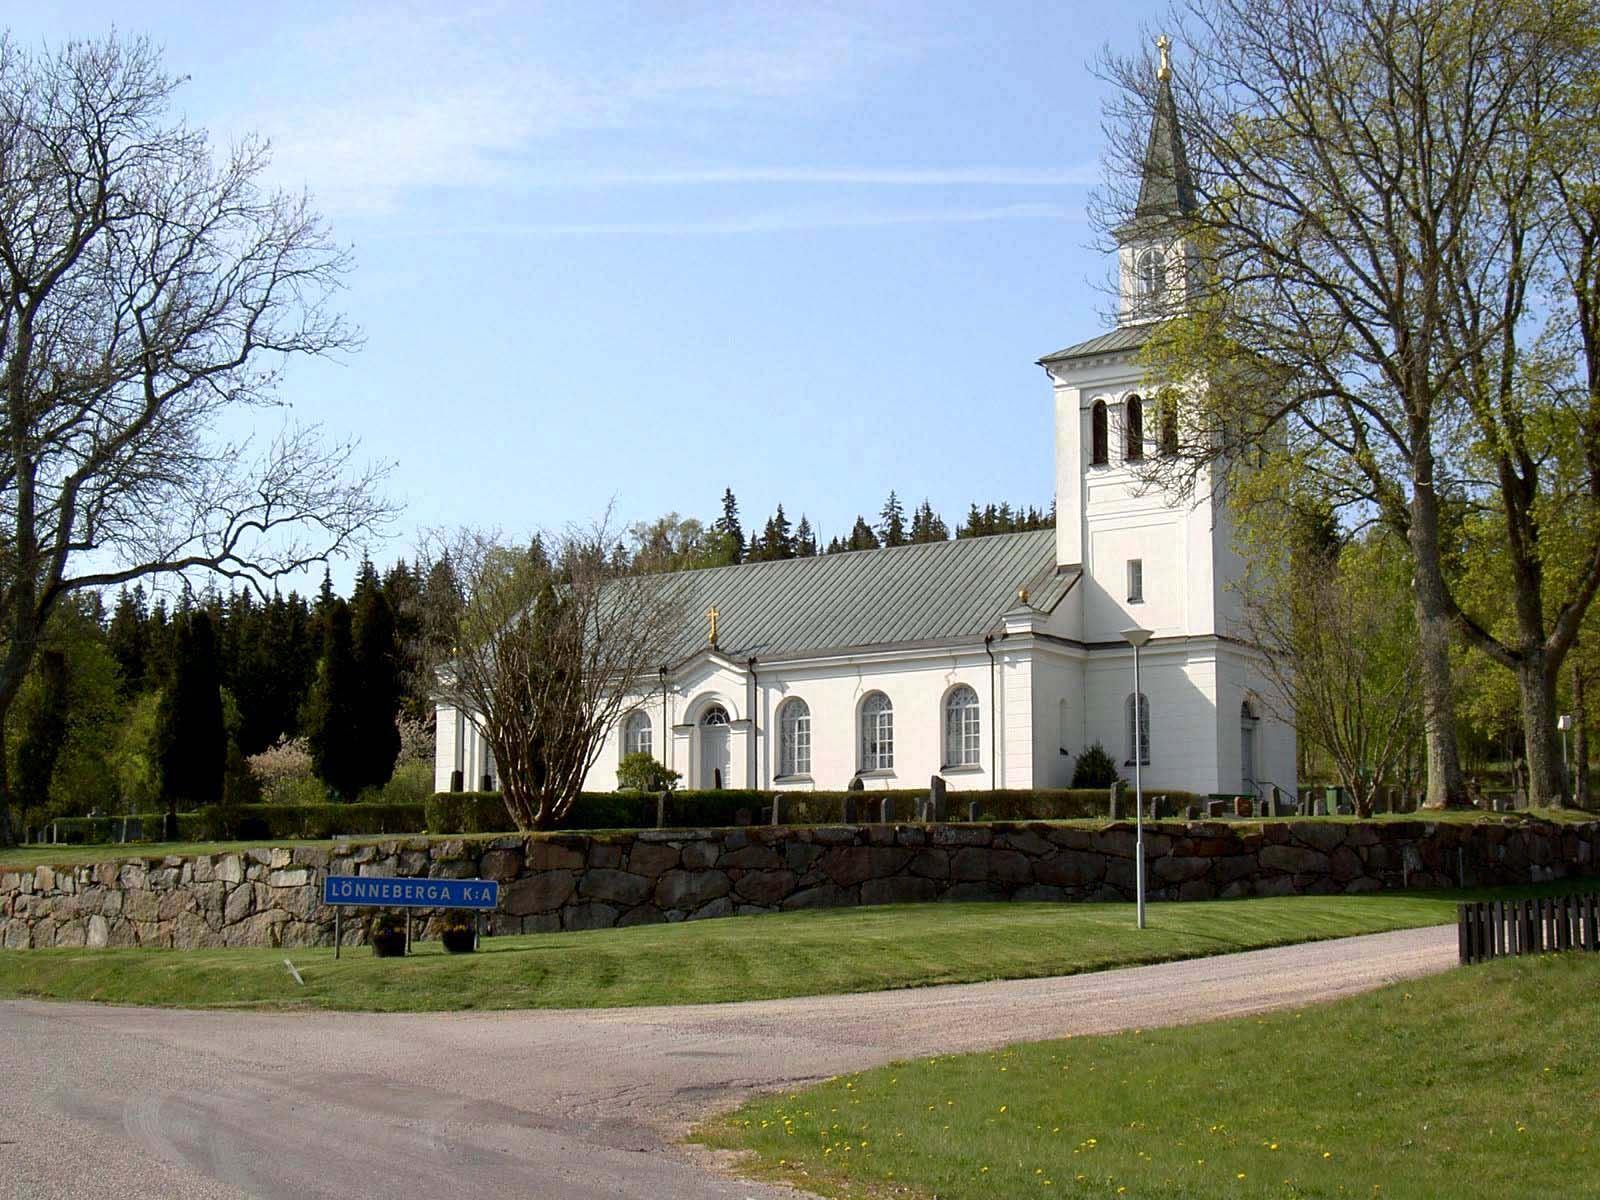 Lönneberga kyrka